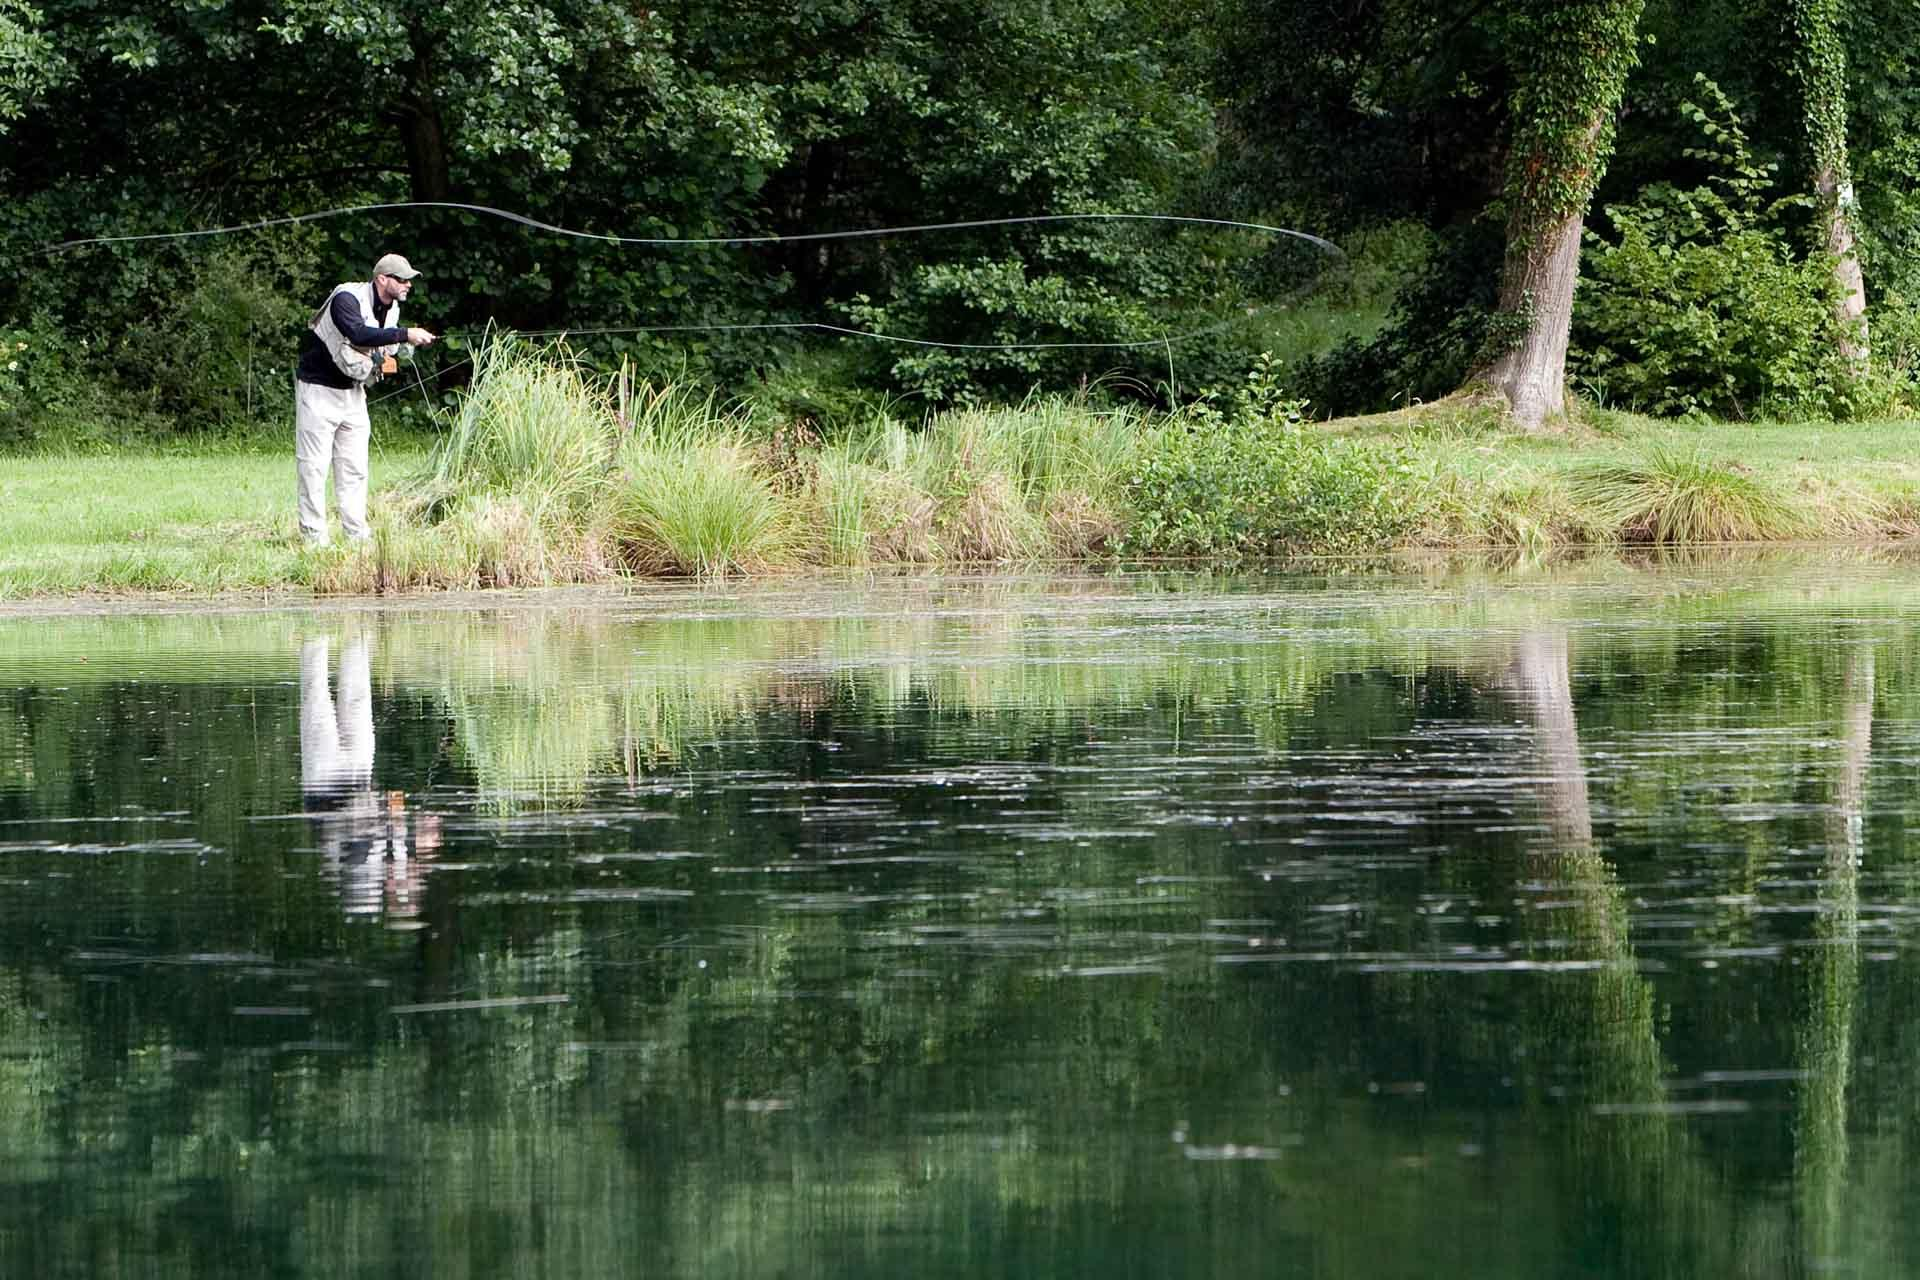 Pêche au Domaine de Sommedieue © Guillaume Ramon